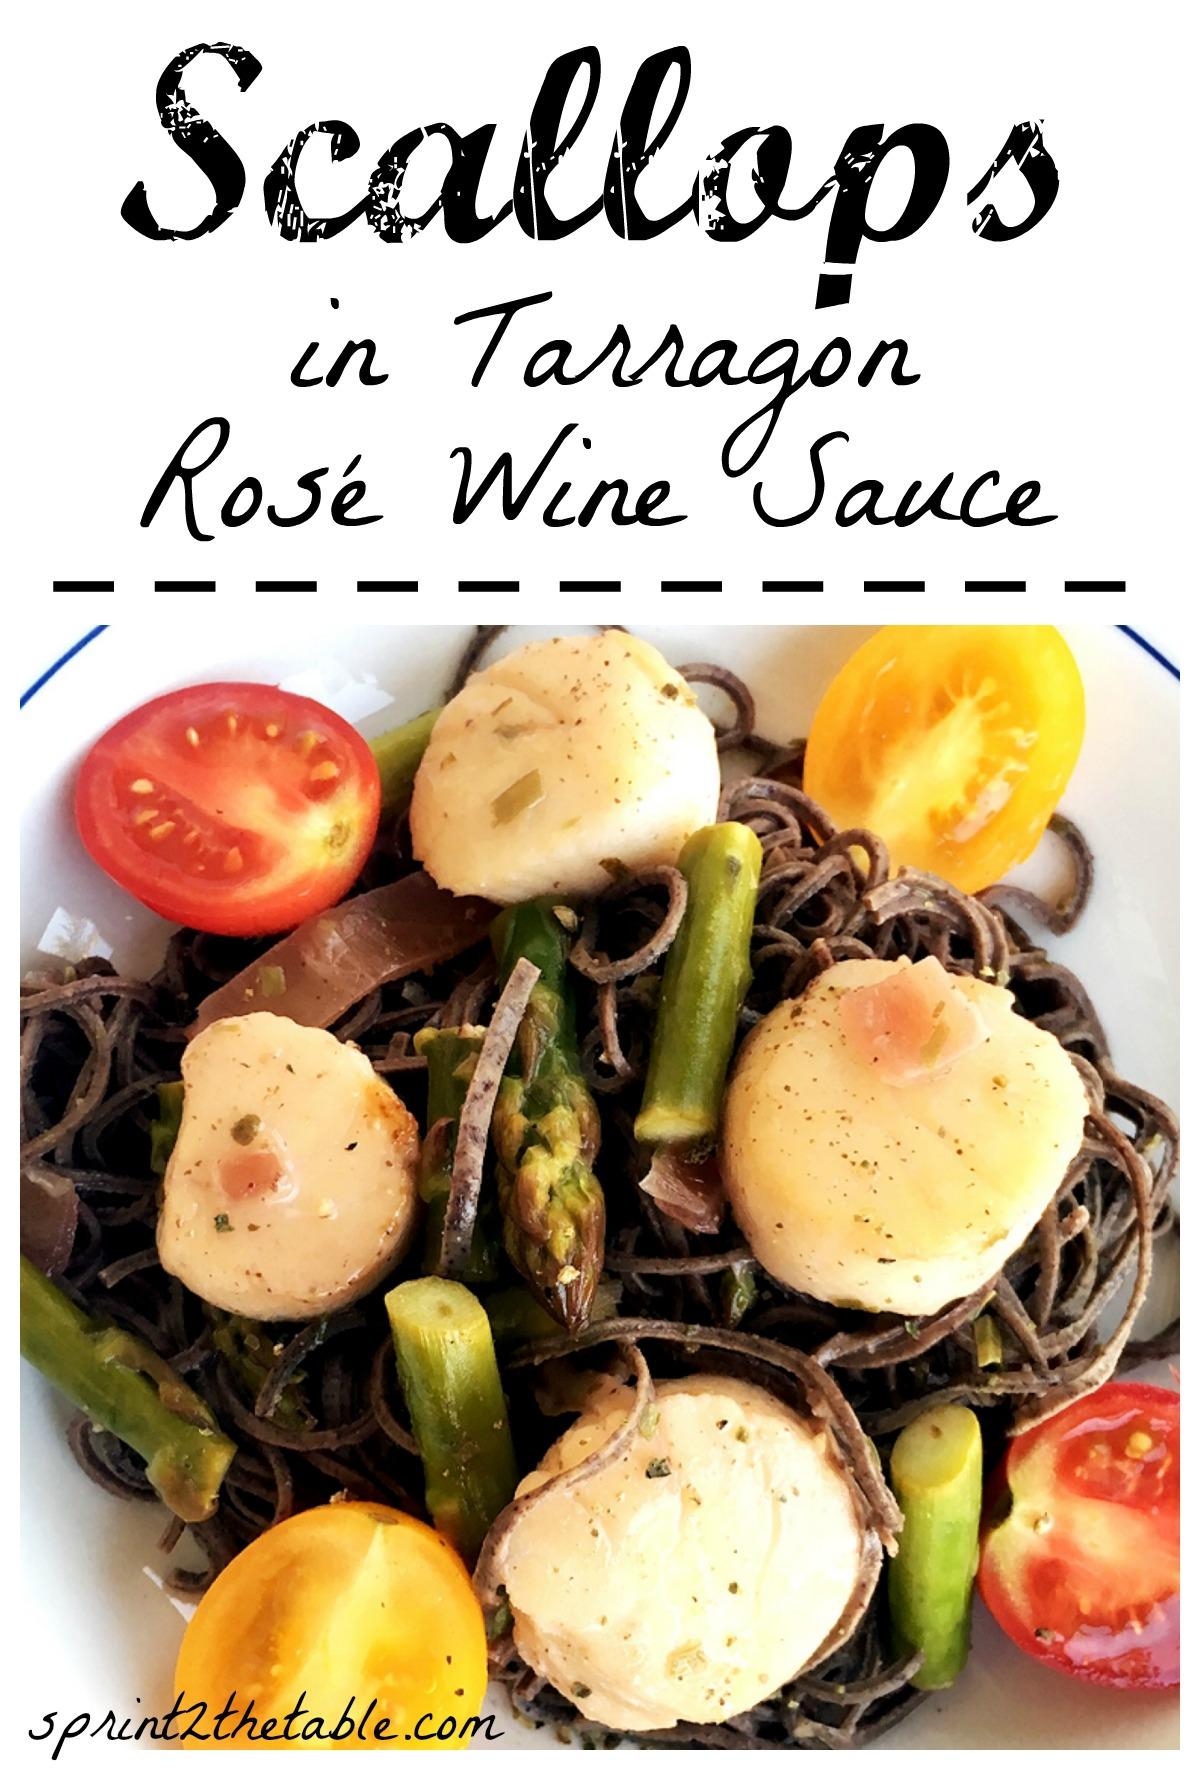 Leftover wine? This easy Sea Scallop in Tarragon Rosé Wine Sauce recipe!